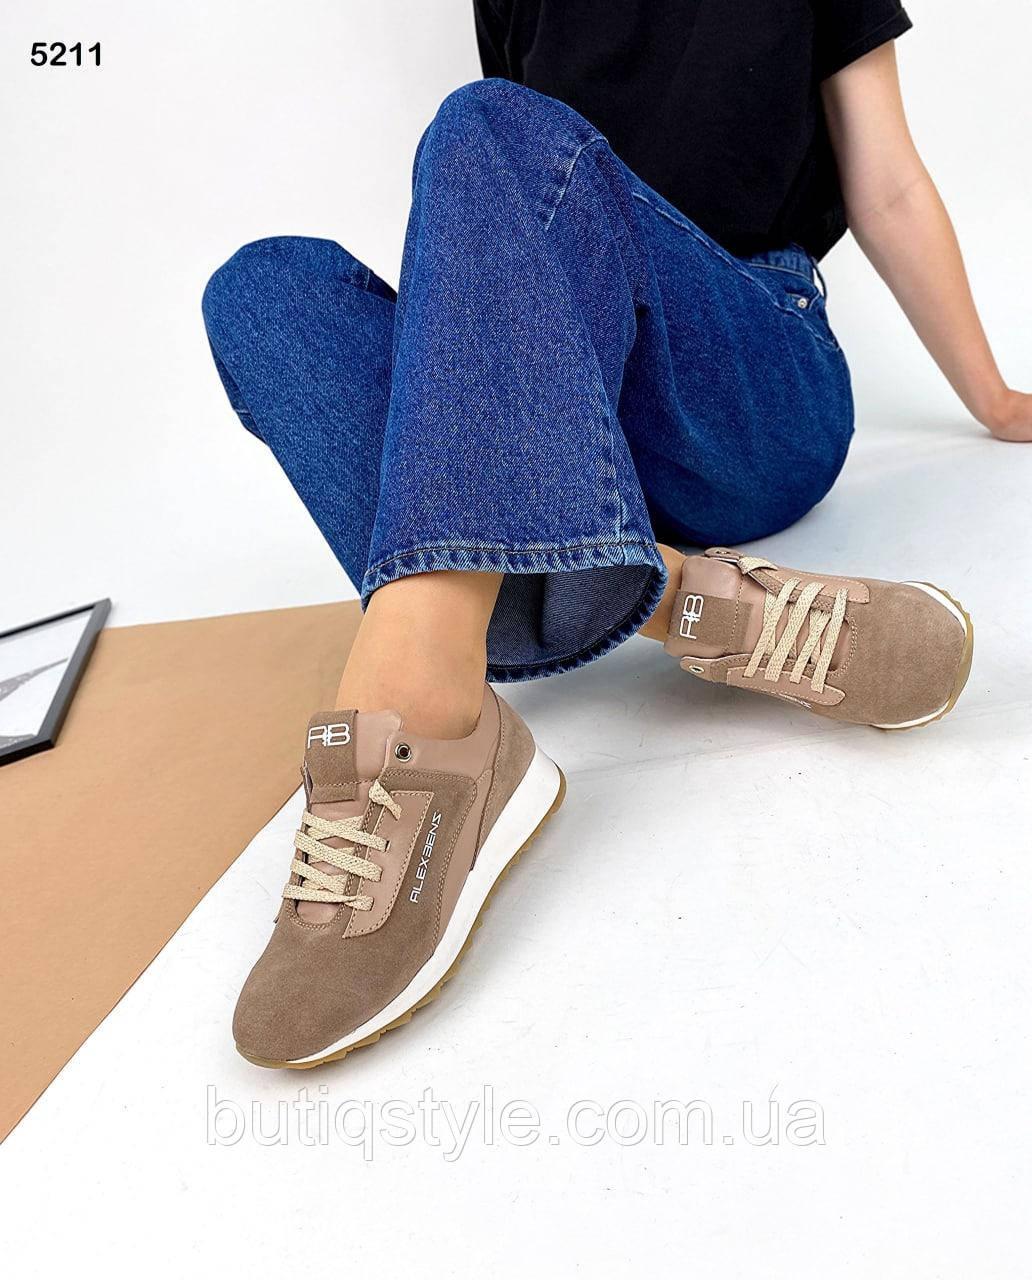 Женские кроссовки визон натуральная замша + кожа